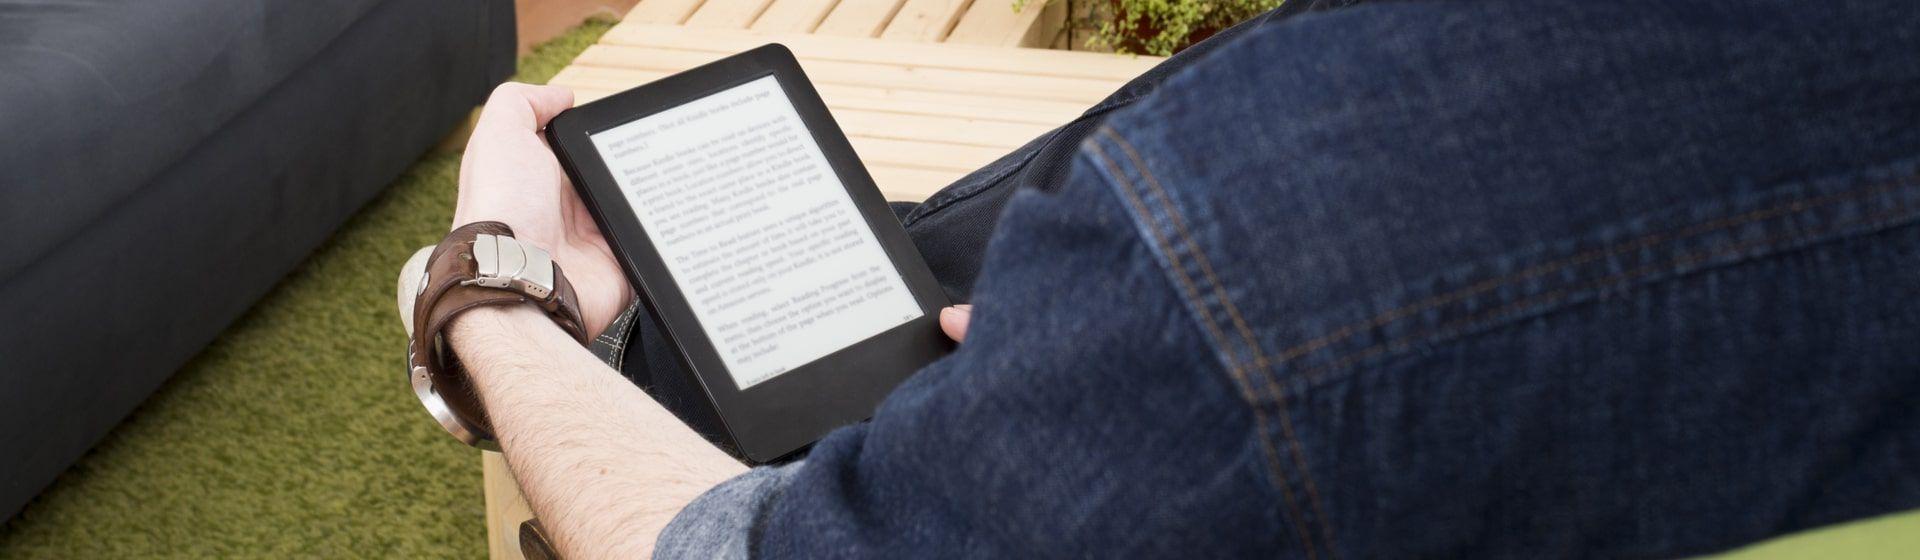 E-reader: confira os melhores leitores digitais em 2021